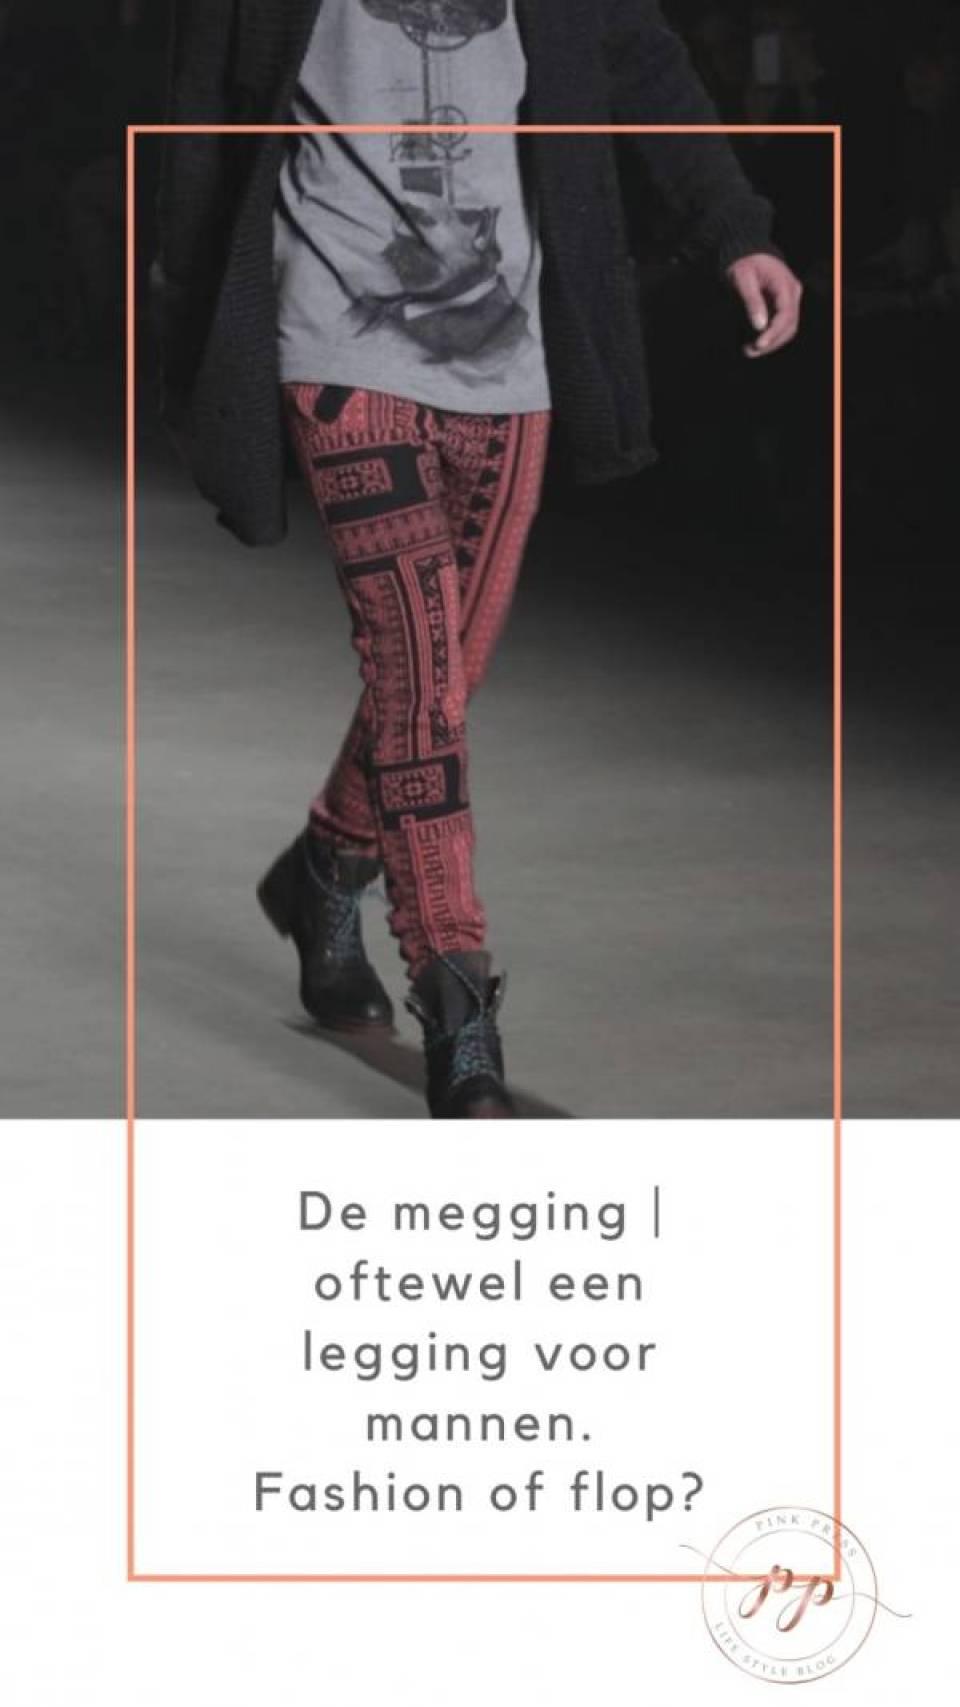 de megging legging voor mannen - De legging.. of Megging | een legging voor mannen